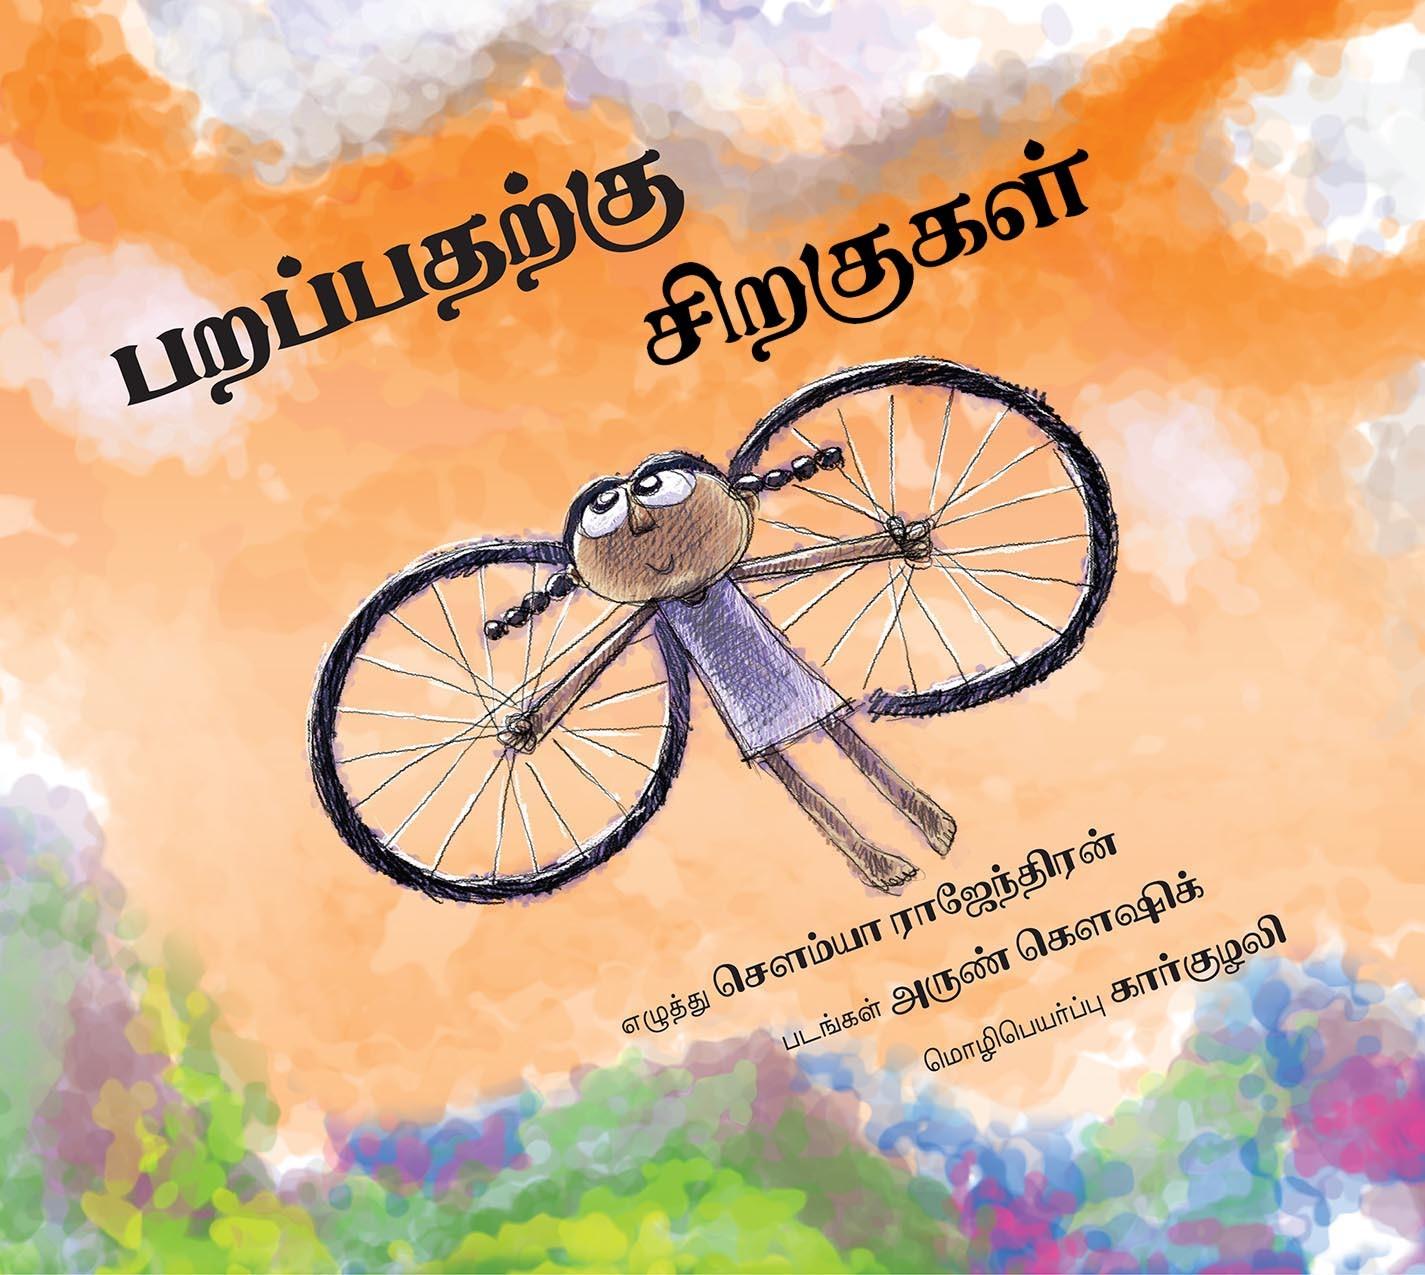 Wings To Fly/Parappatharkku Chirakukal (Tamil)